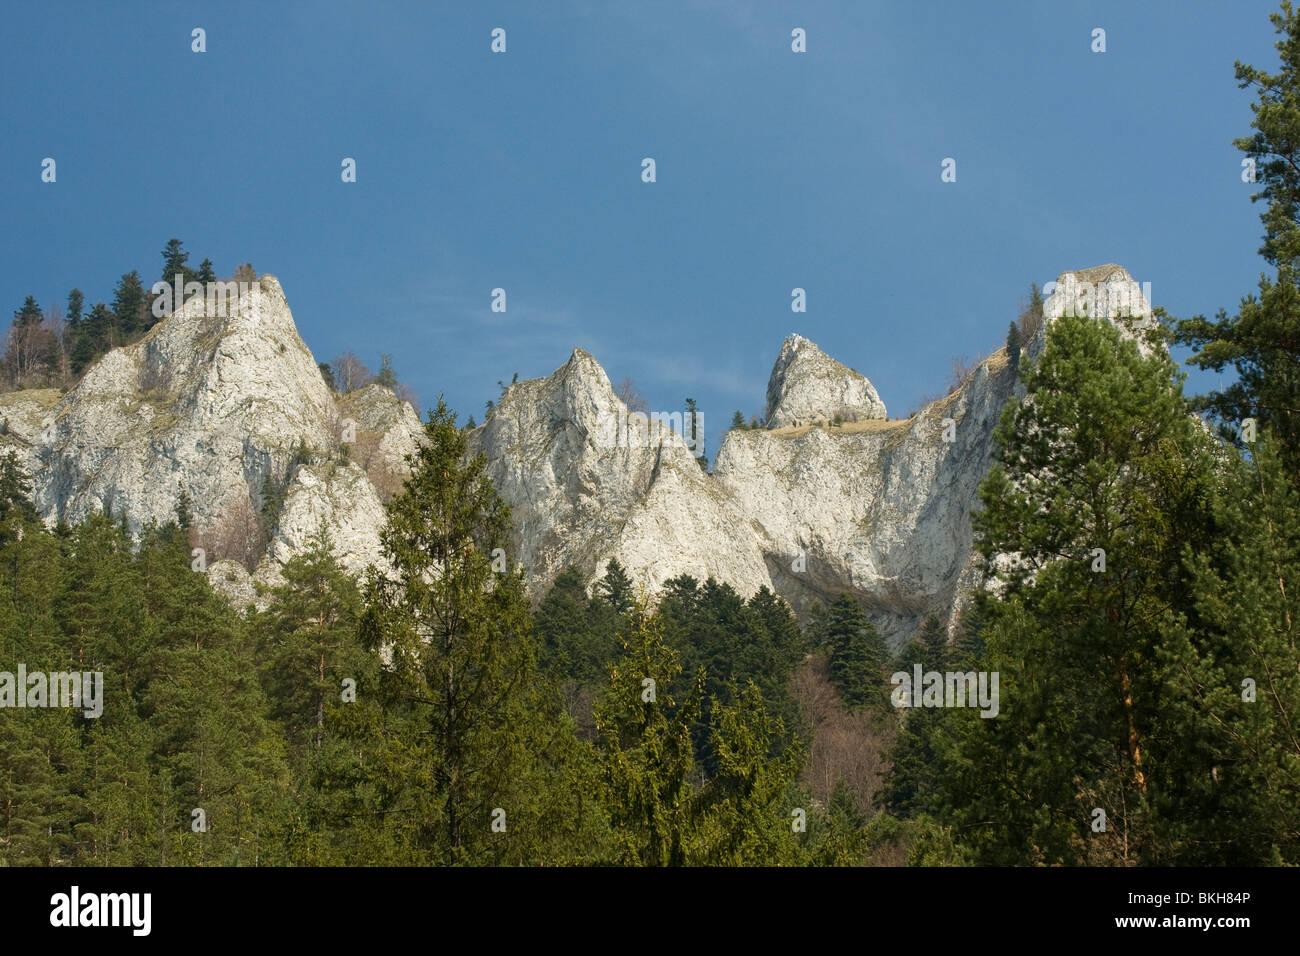 De Drie Kronen vormen 1 van de opvallendste bergtoppen in het Nationaal Park Pieniny. The Three Crowns form one Stock Photo